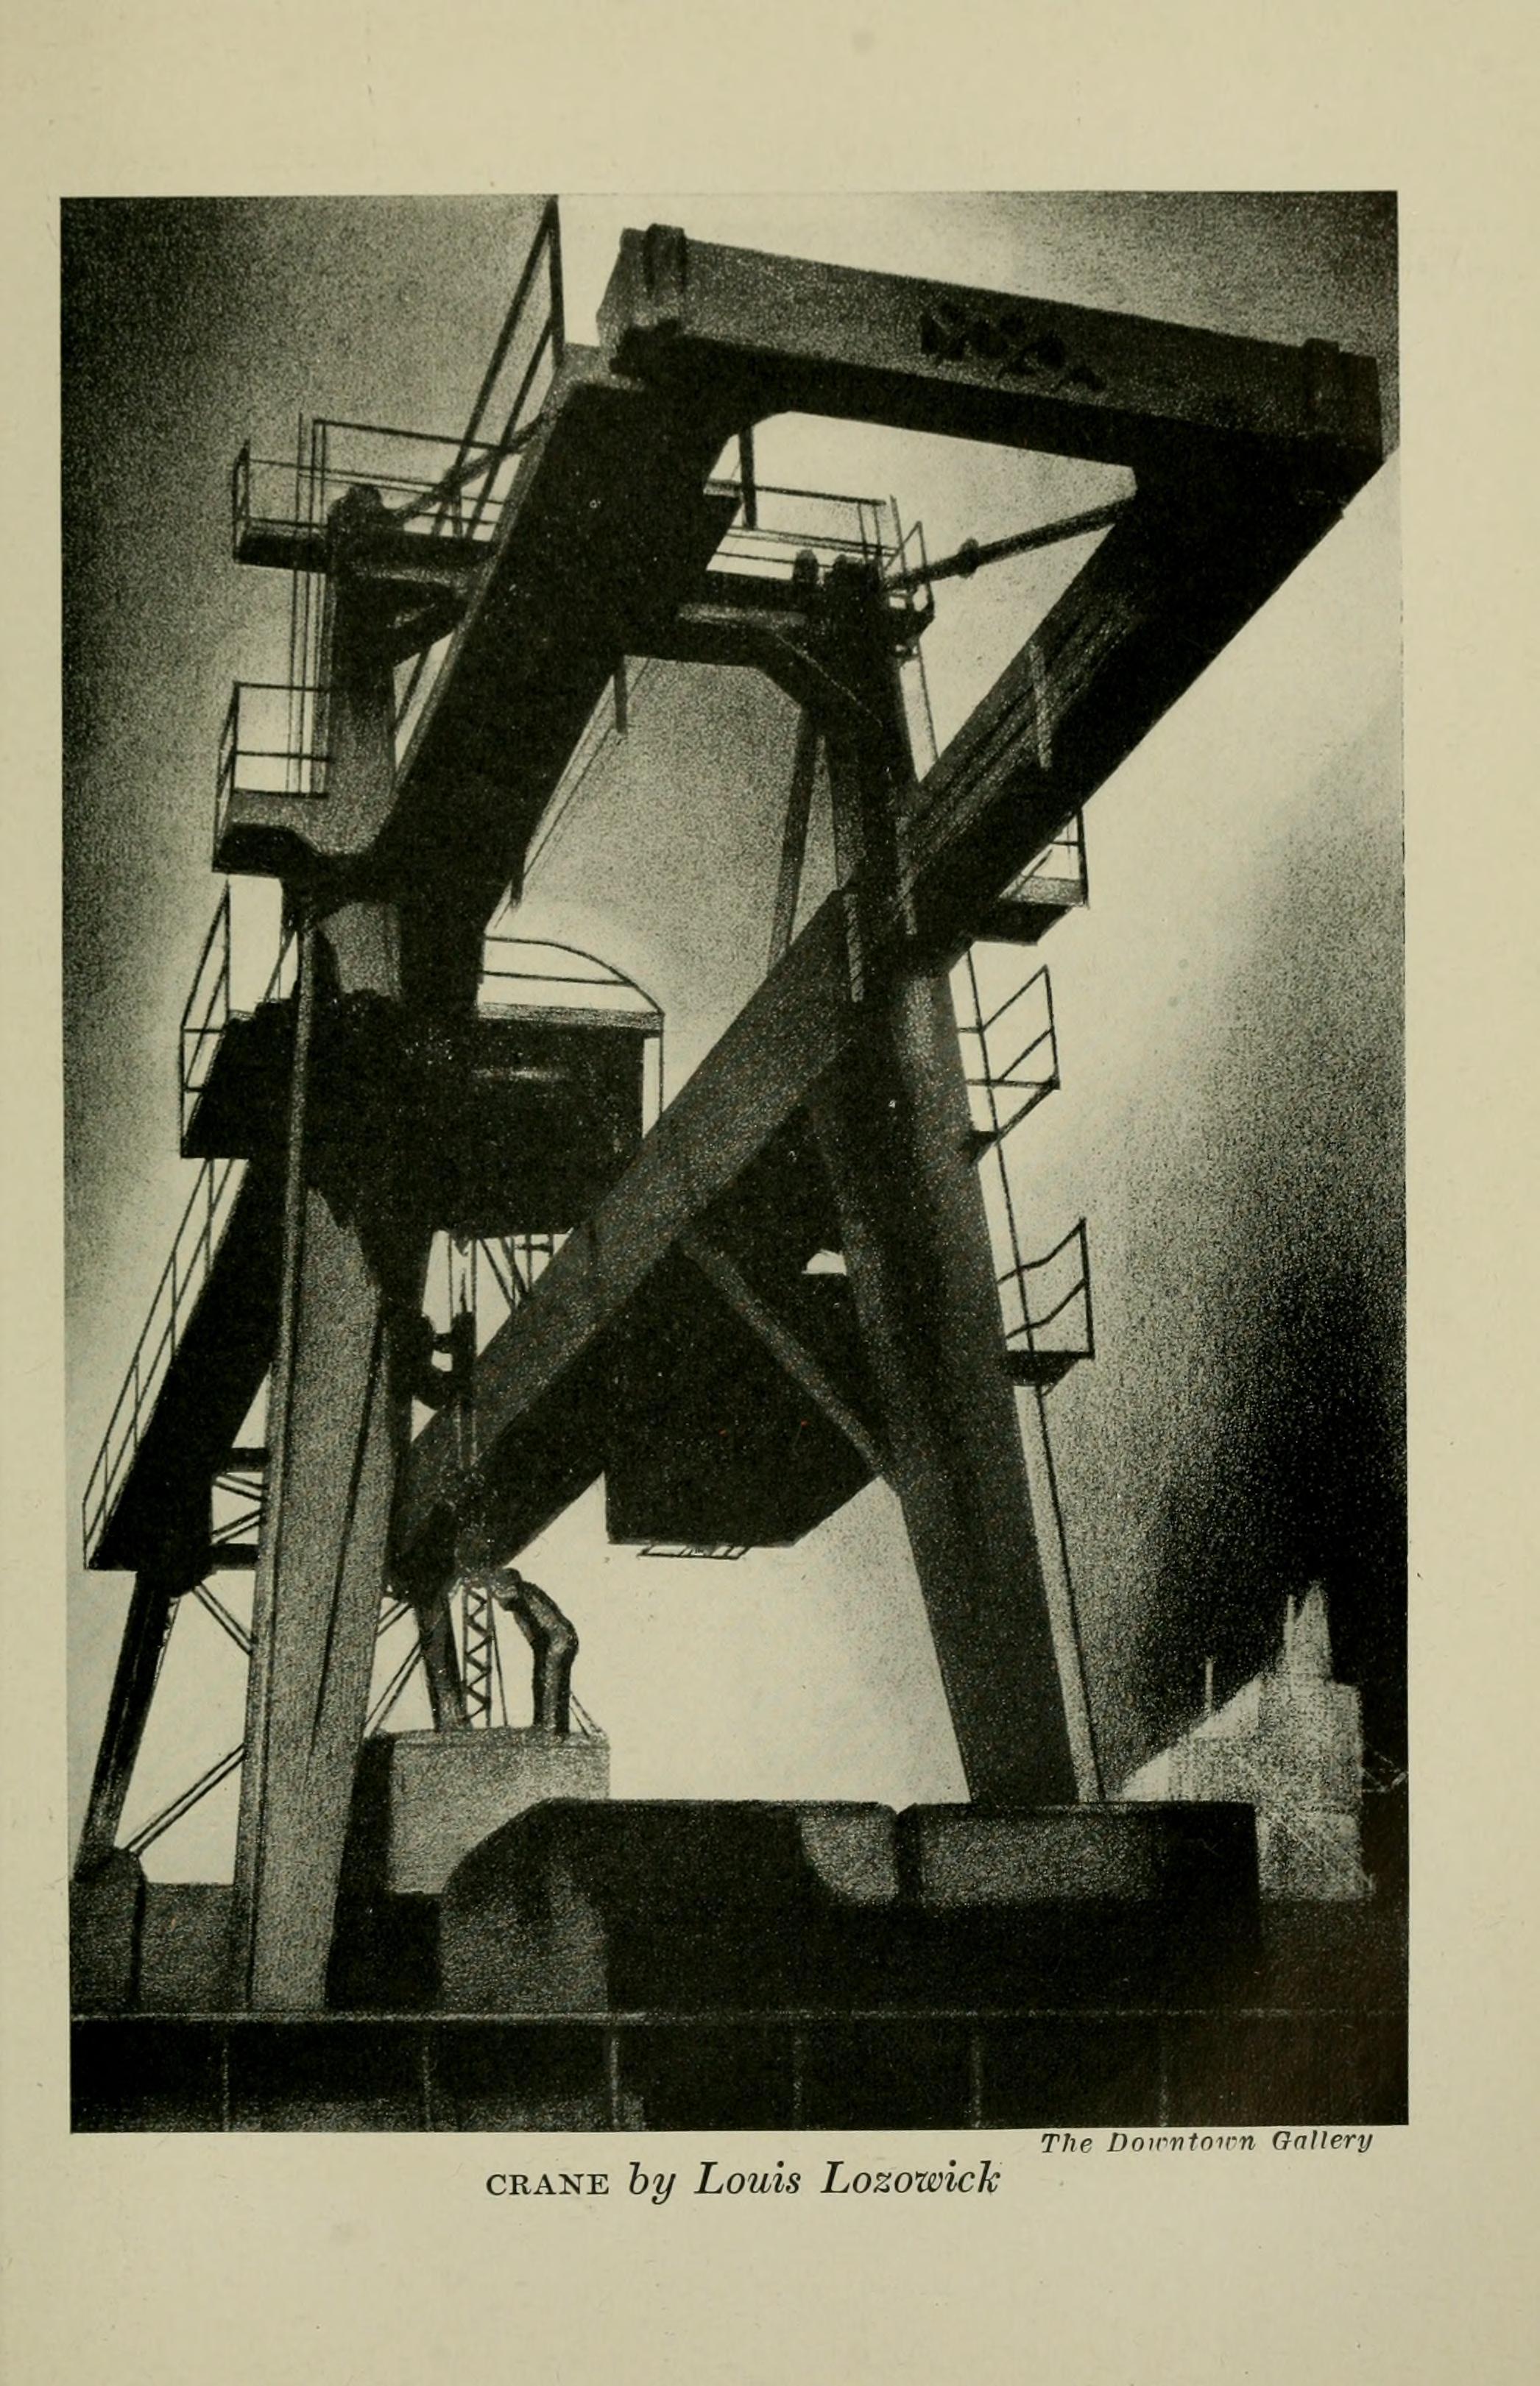 Lozowick crane